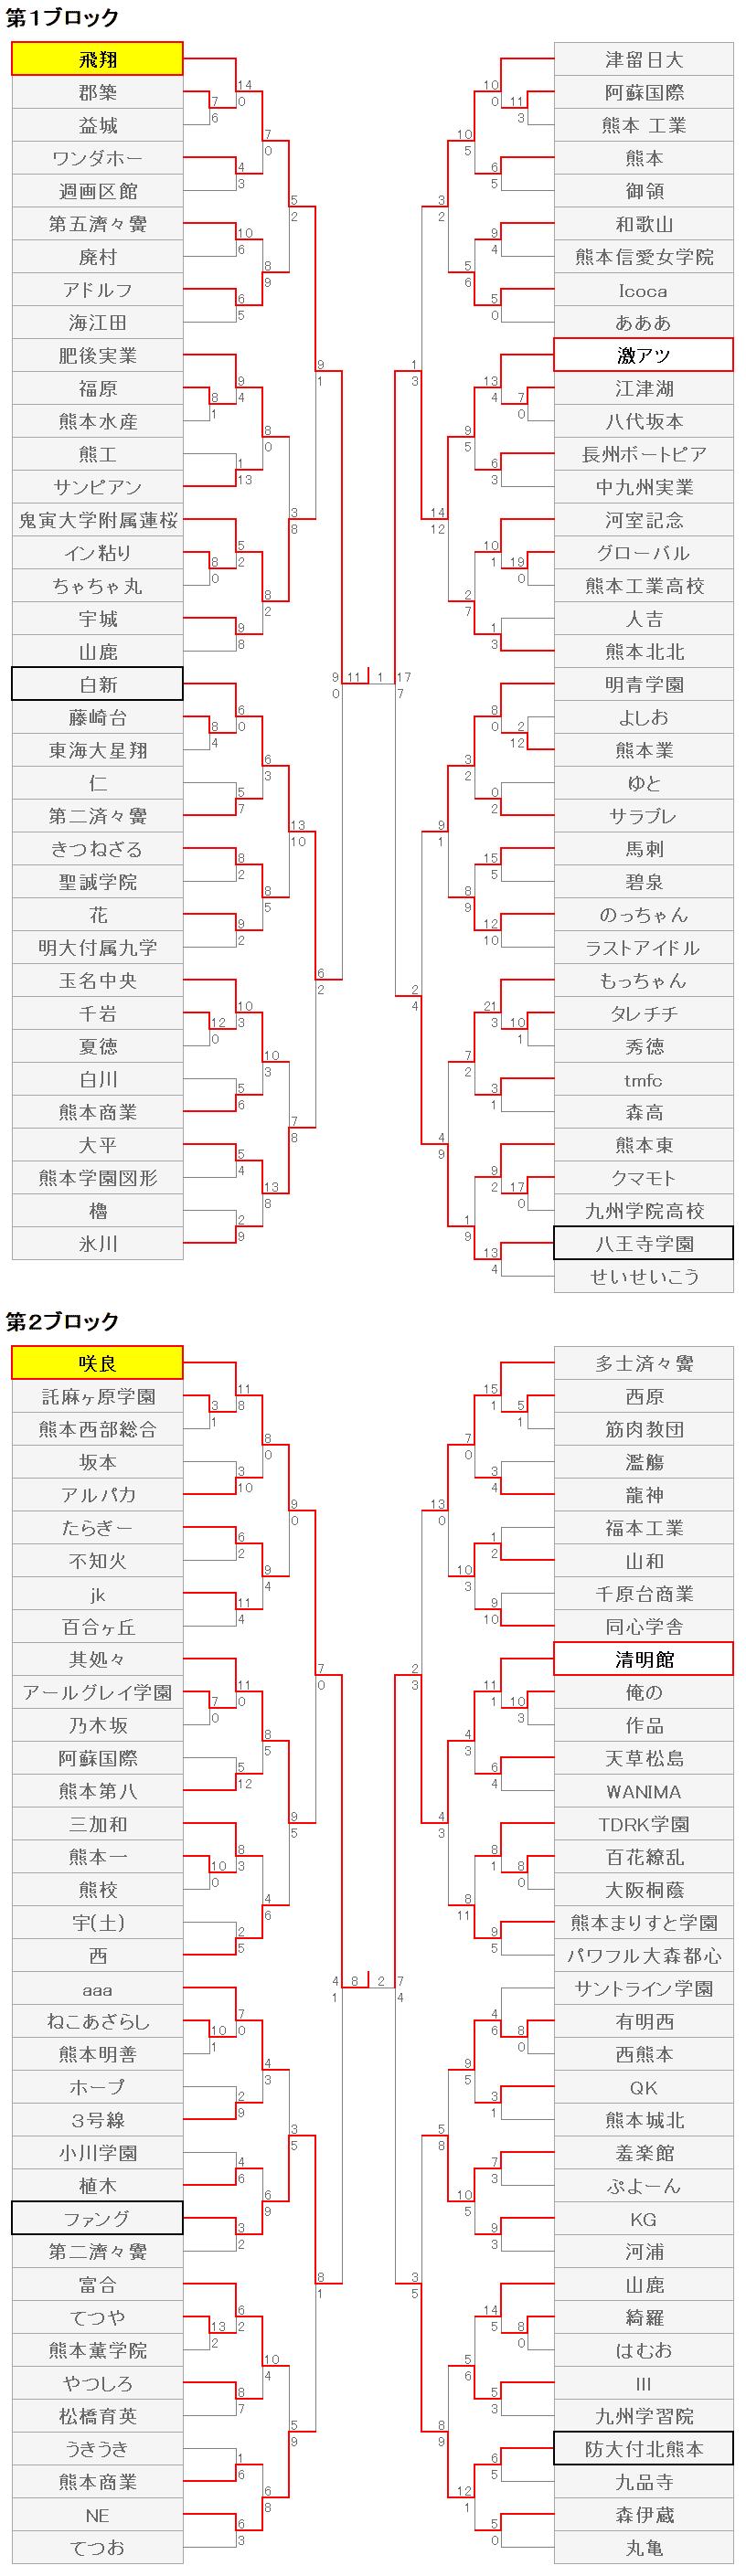 211熊本7